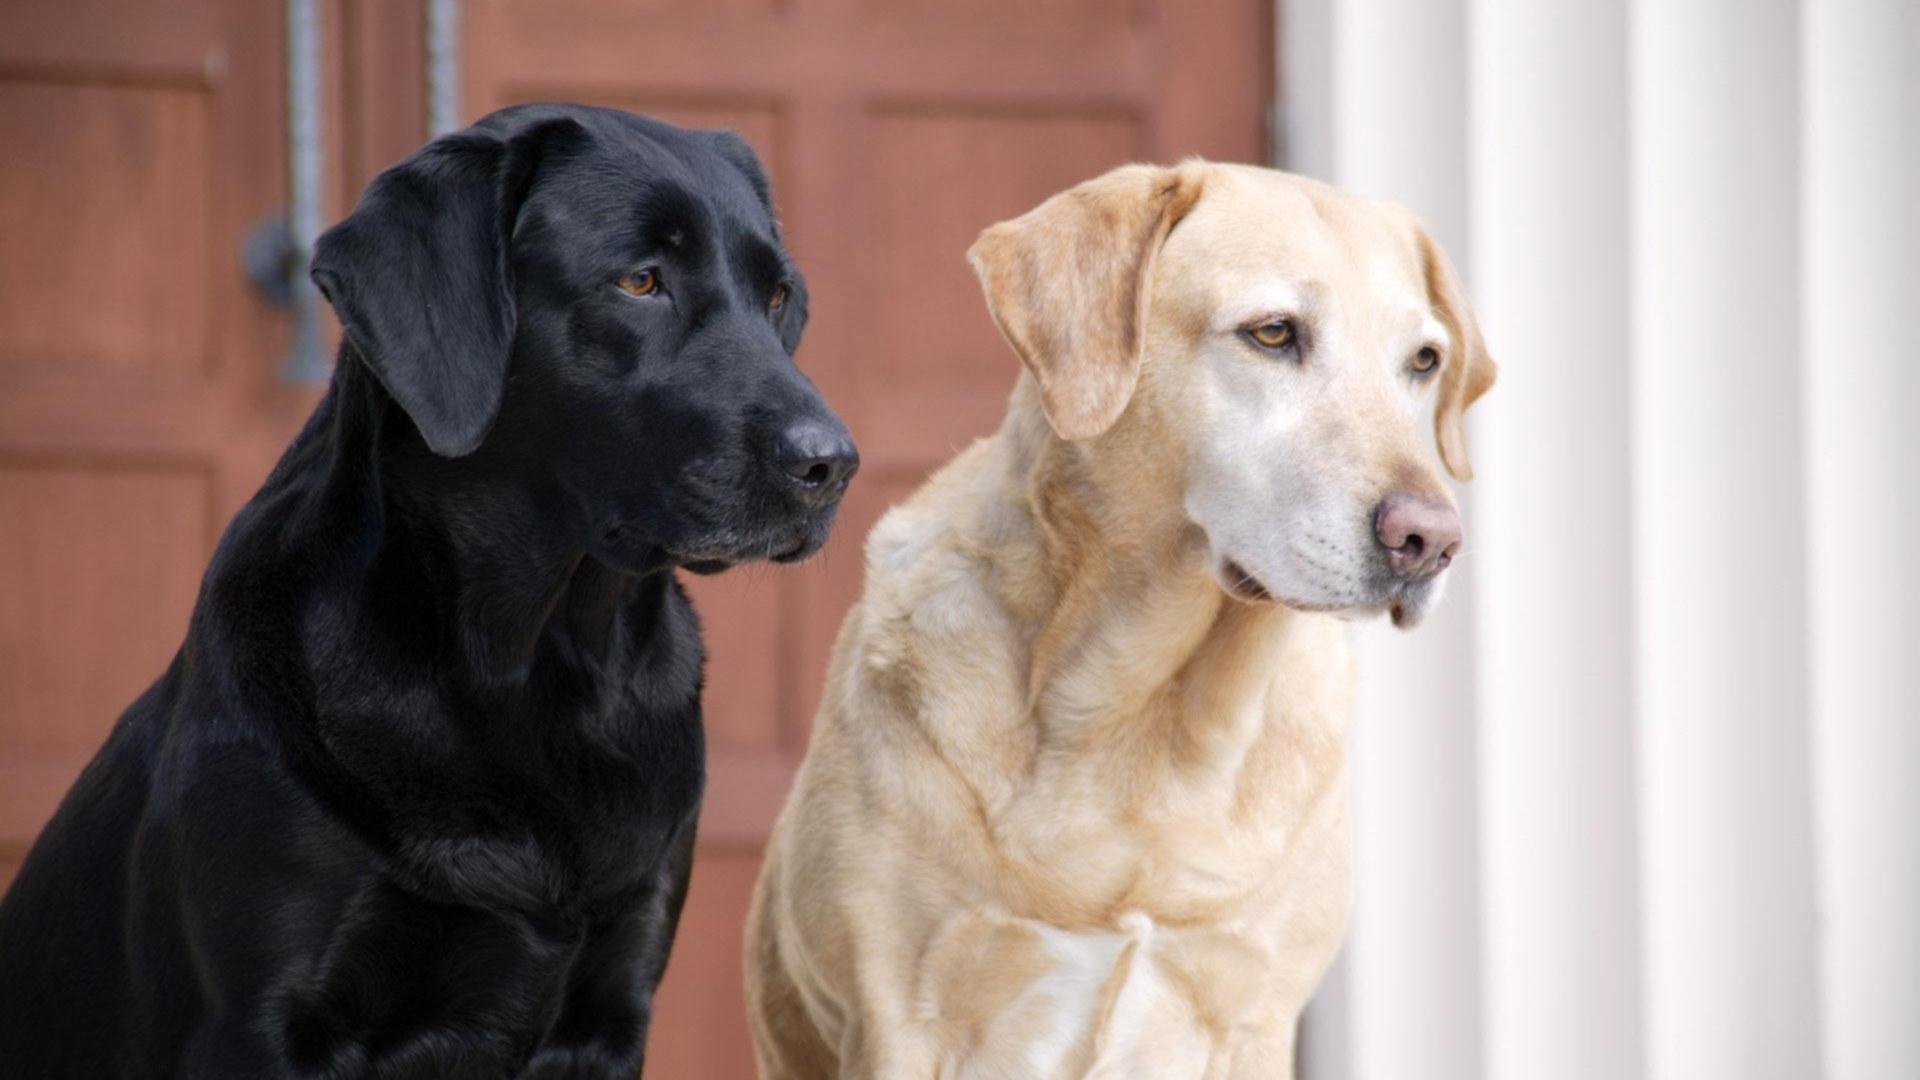 Fondos de escritorio de perros labradores